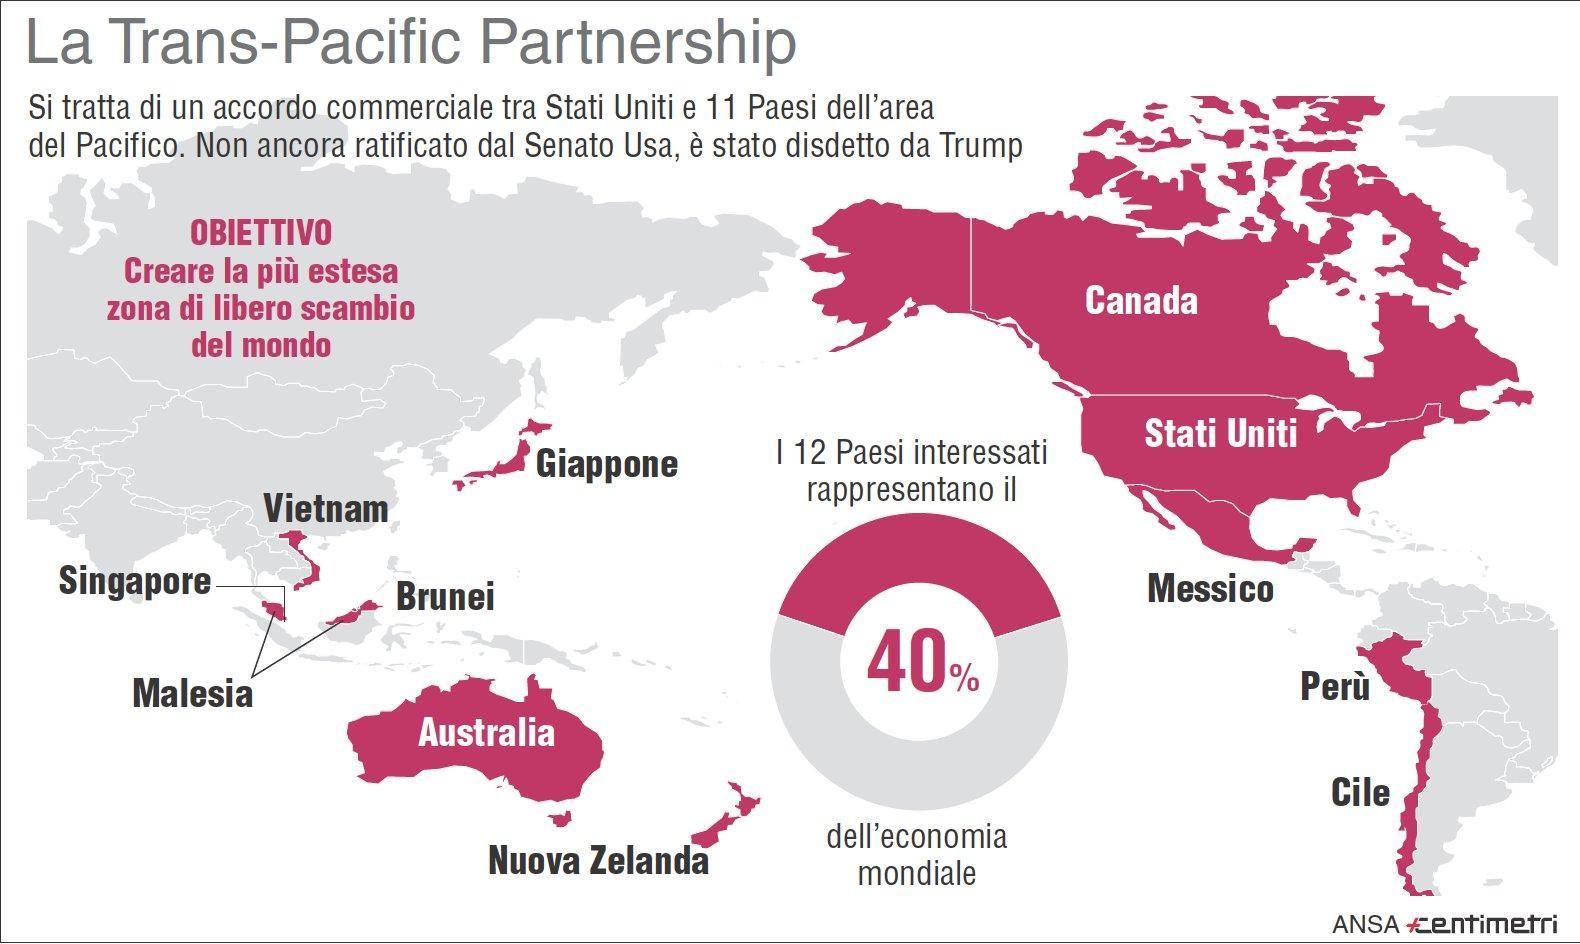 Gli Usa si ritirano dal Ttp, il trattato Trans-Pacifico